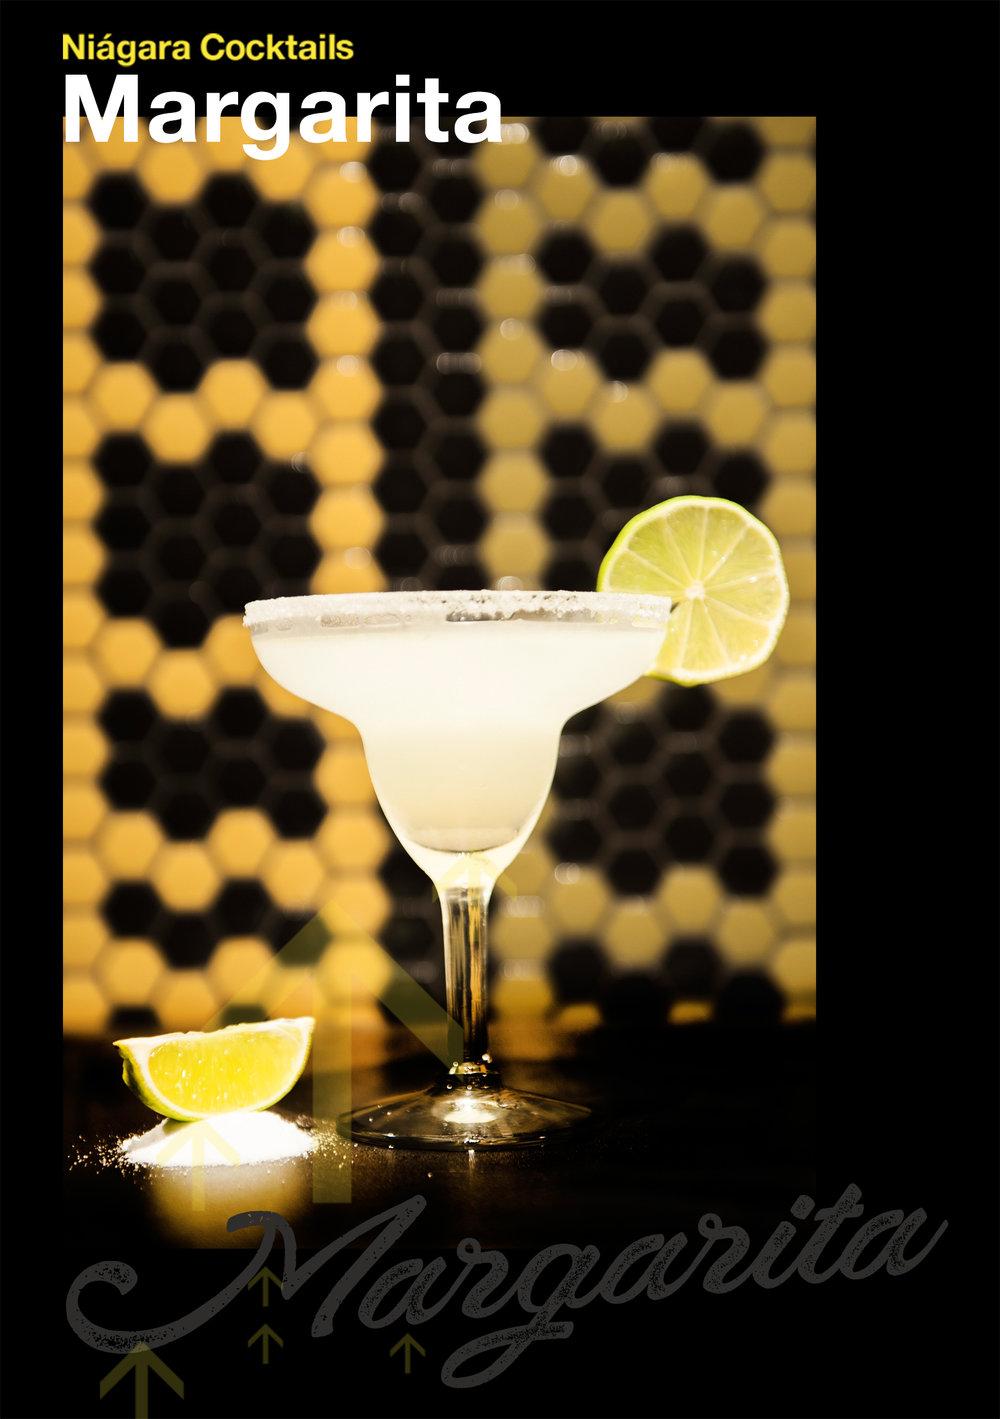 Buena Onda - Este coctel fue originado en el bar Kentucky en Ciudad Juarez, Chihuahua. No apto para cabezas débiles, es refrescante, sexy y un poco peligroso… pero, ¿quien dijo miedo?